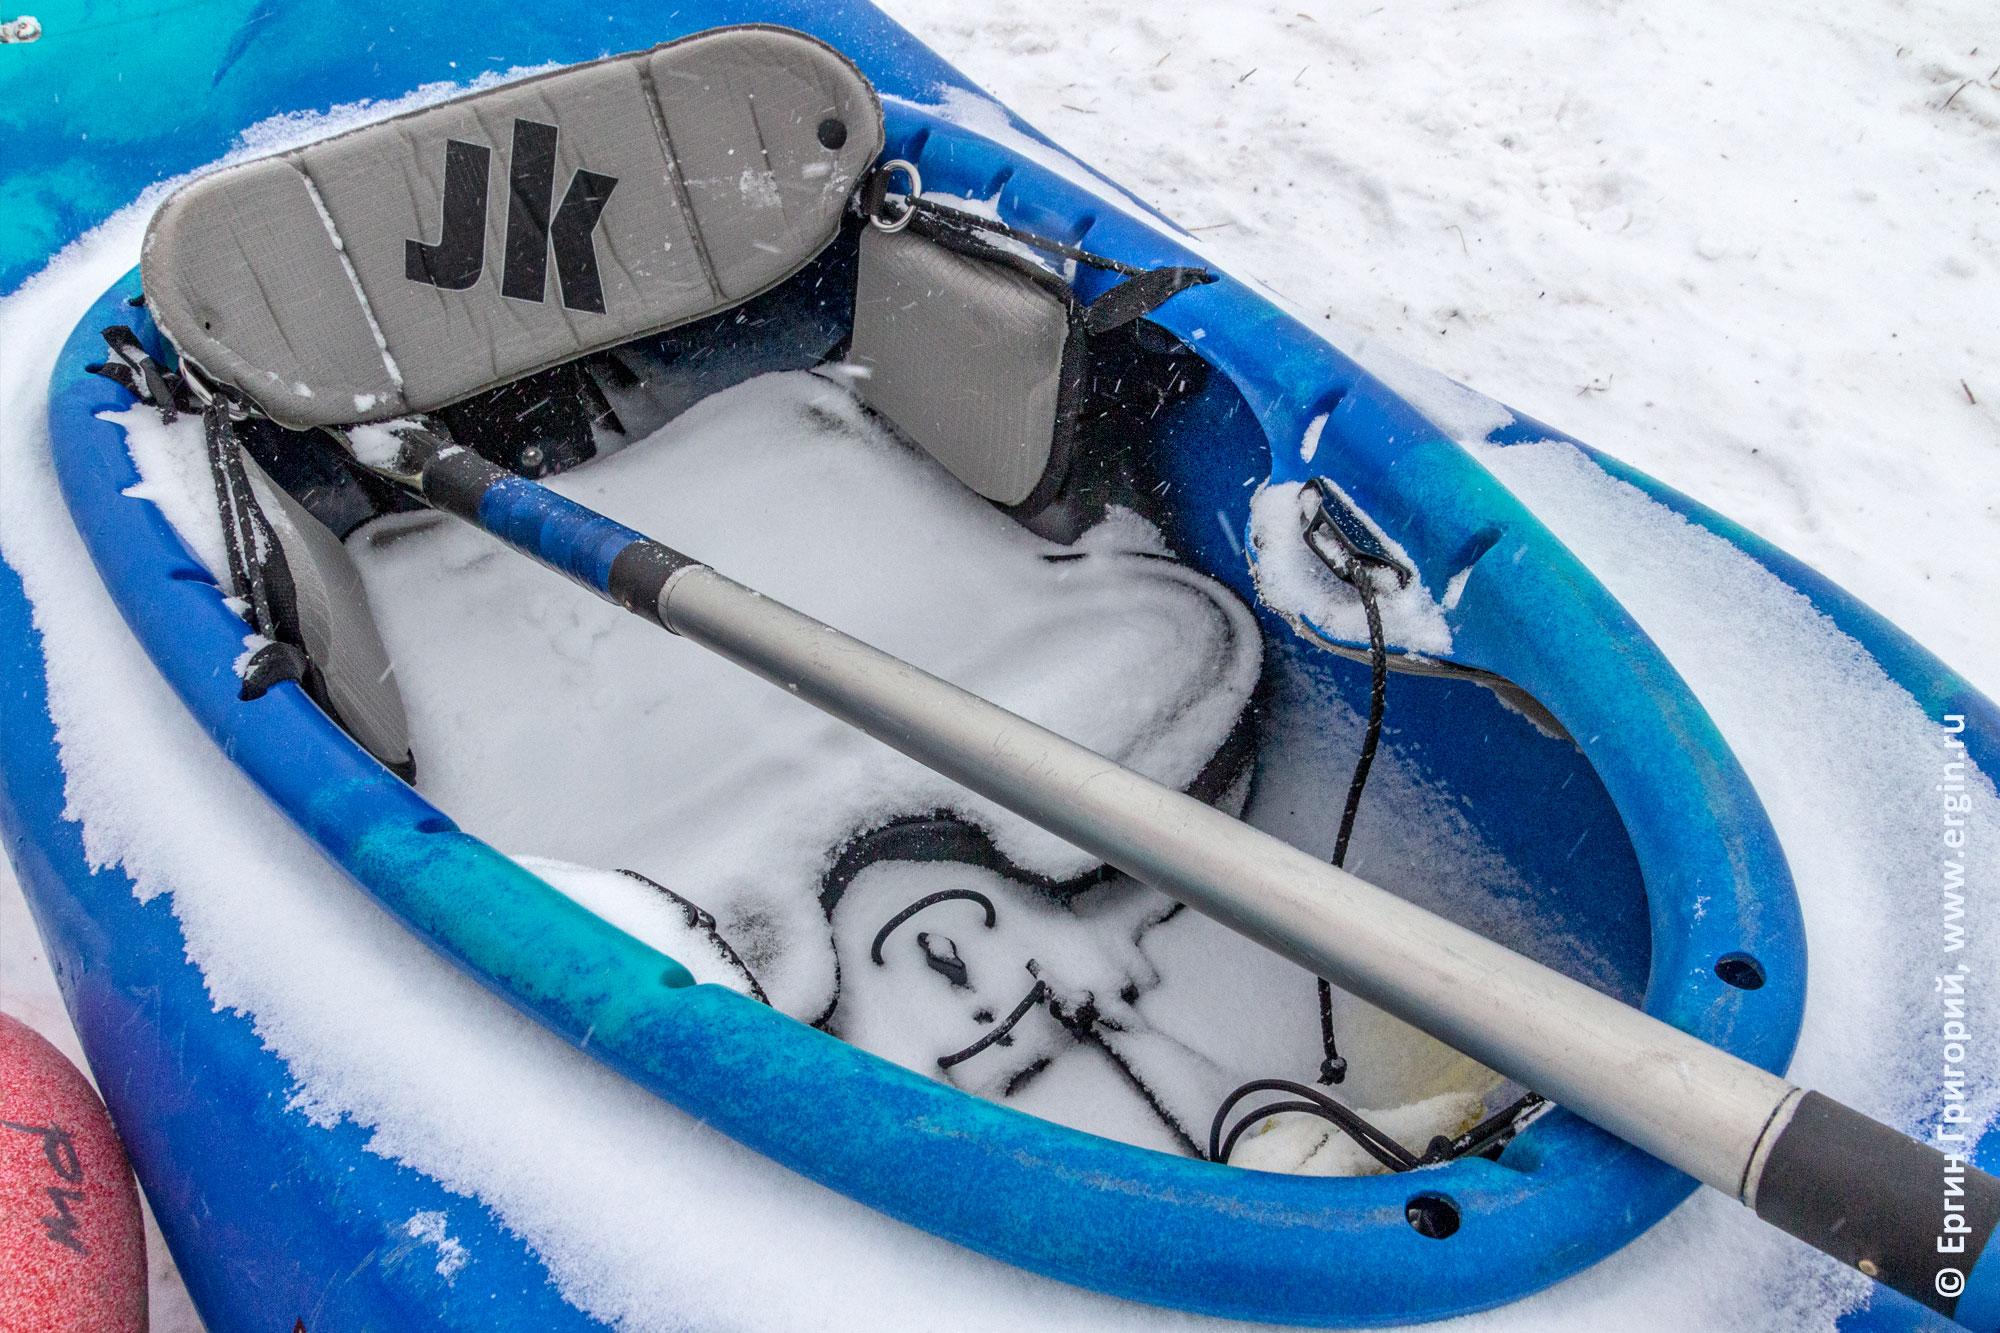 Каяк засыпан снегом и весло в очке